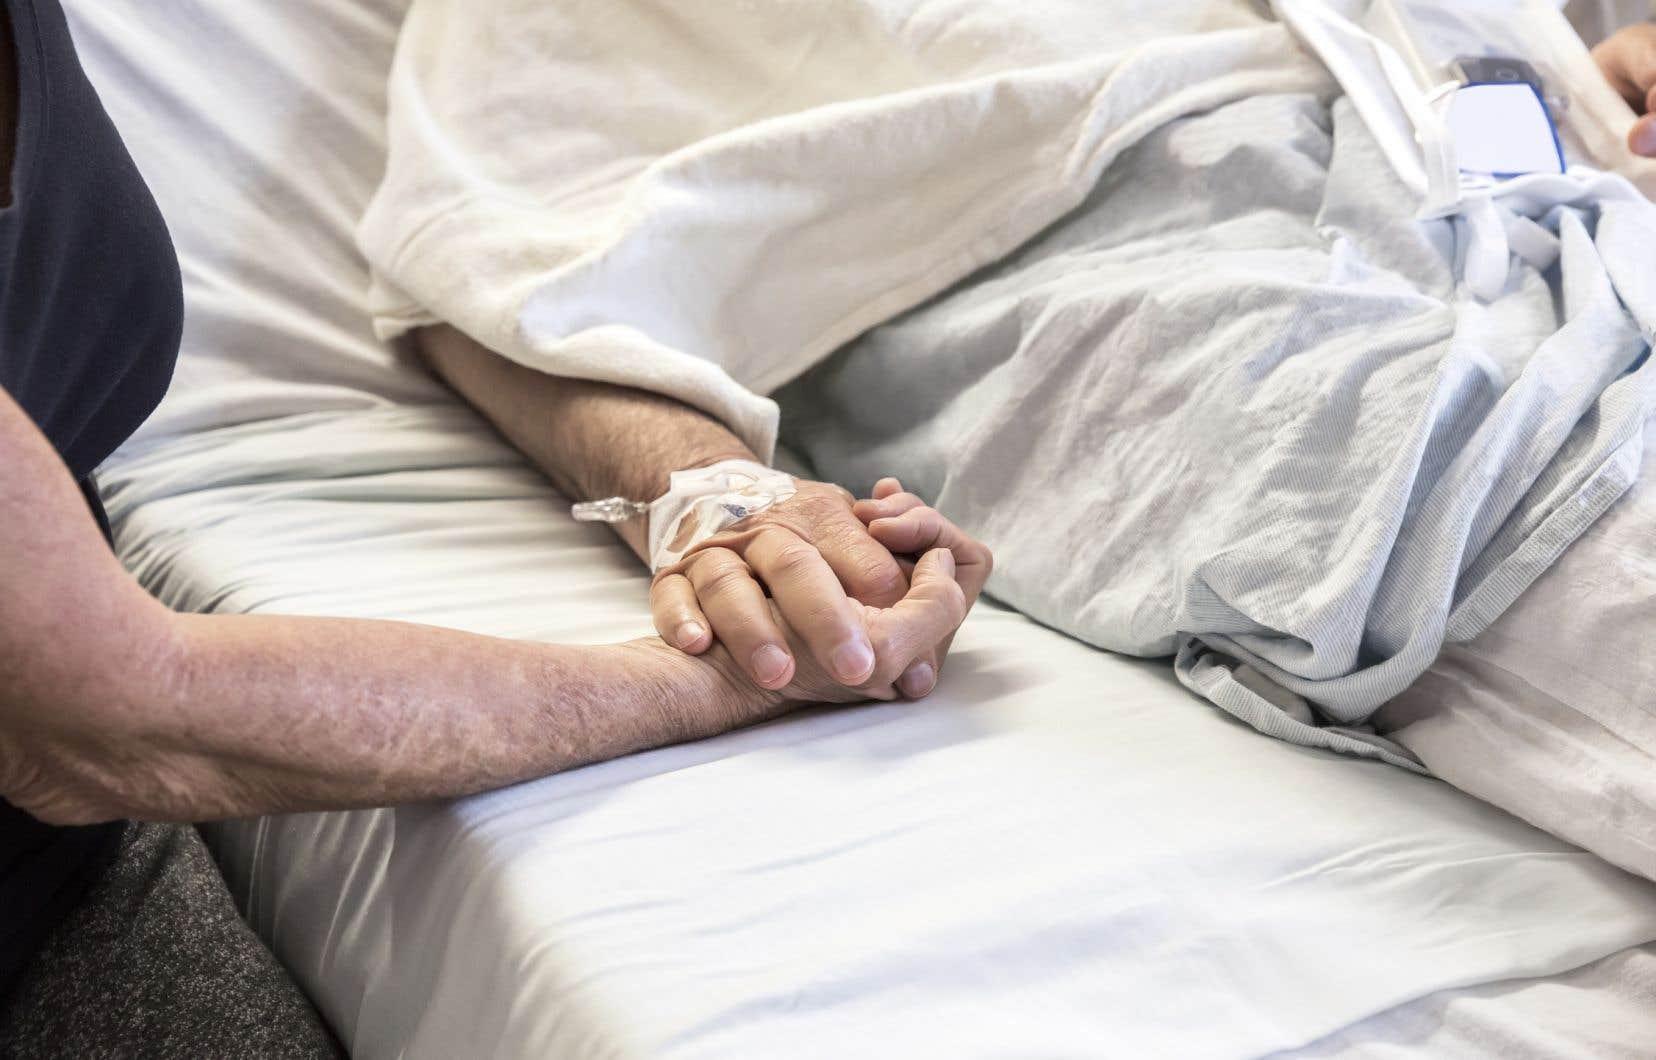 En septembre dernier, la juge Christine Baudouin avait invalidé, et déclaré inconstitutionnel, un critère de la législation fédérale sur l'aide médicale à mourir.